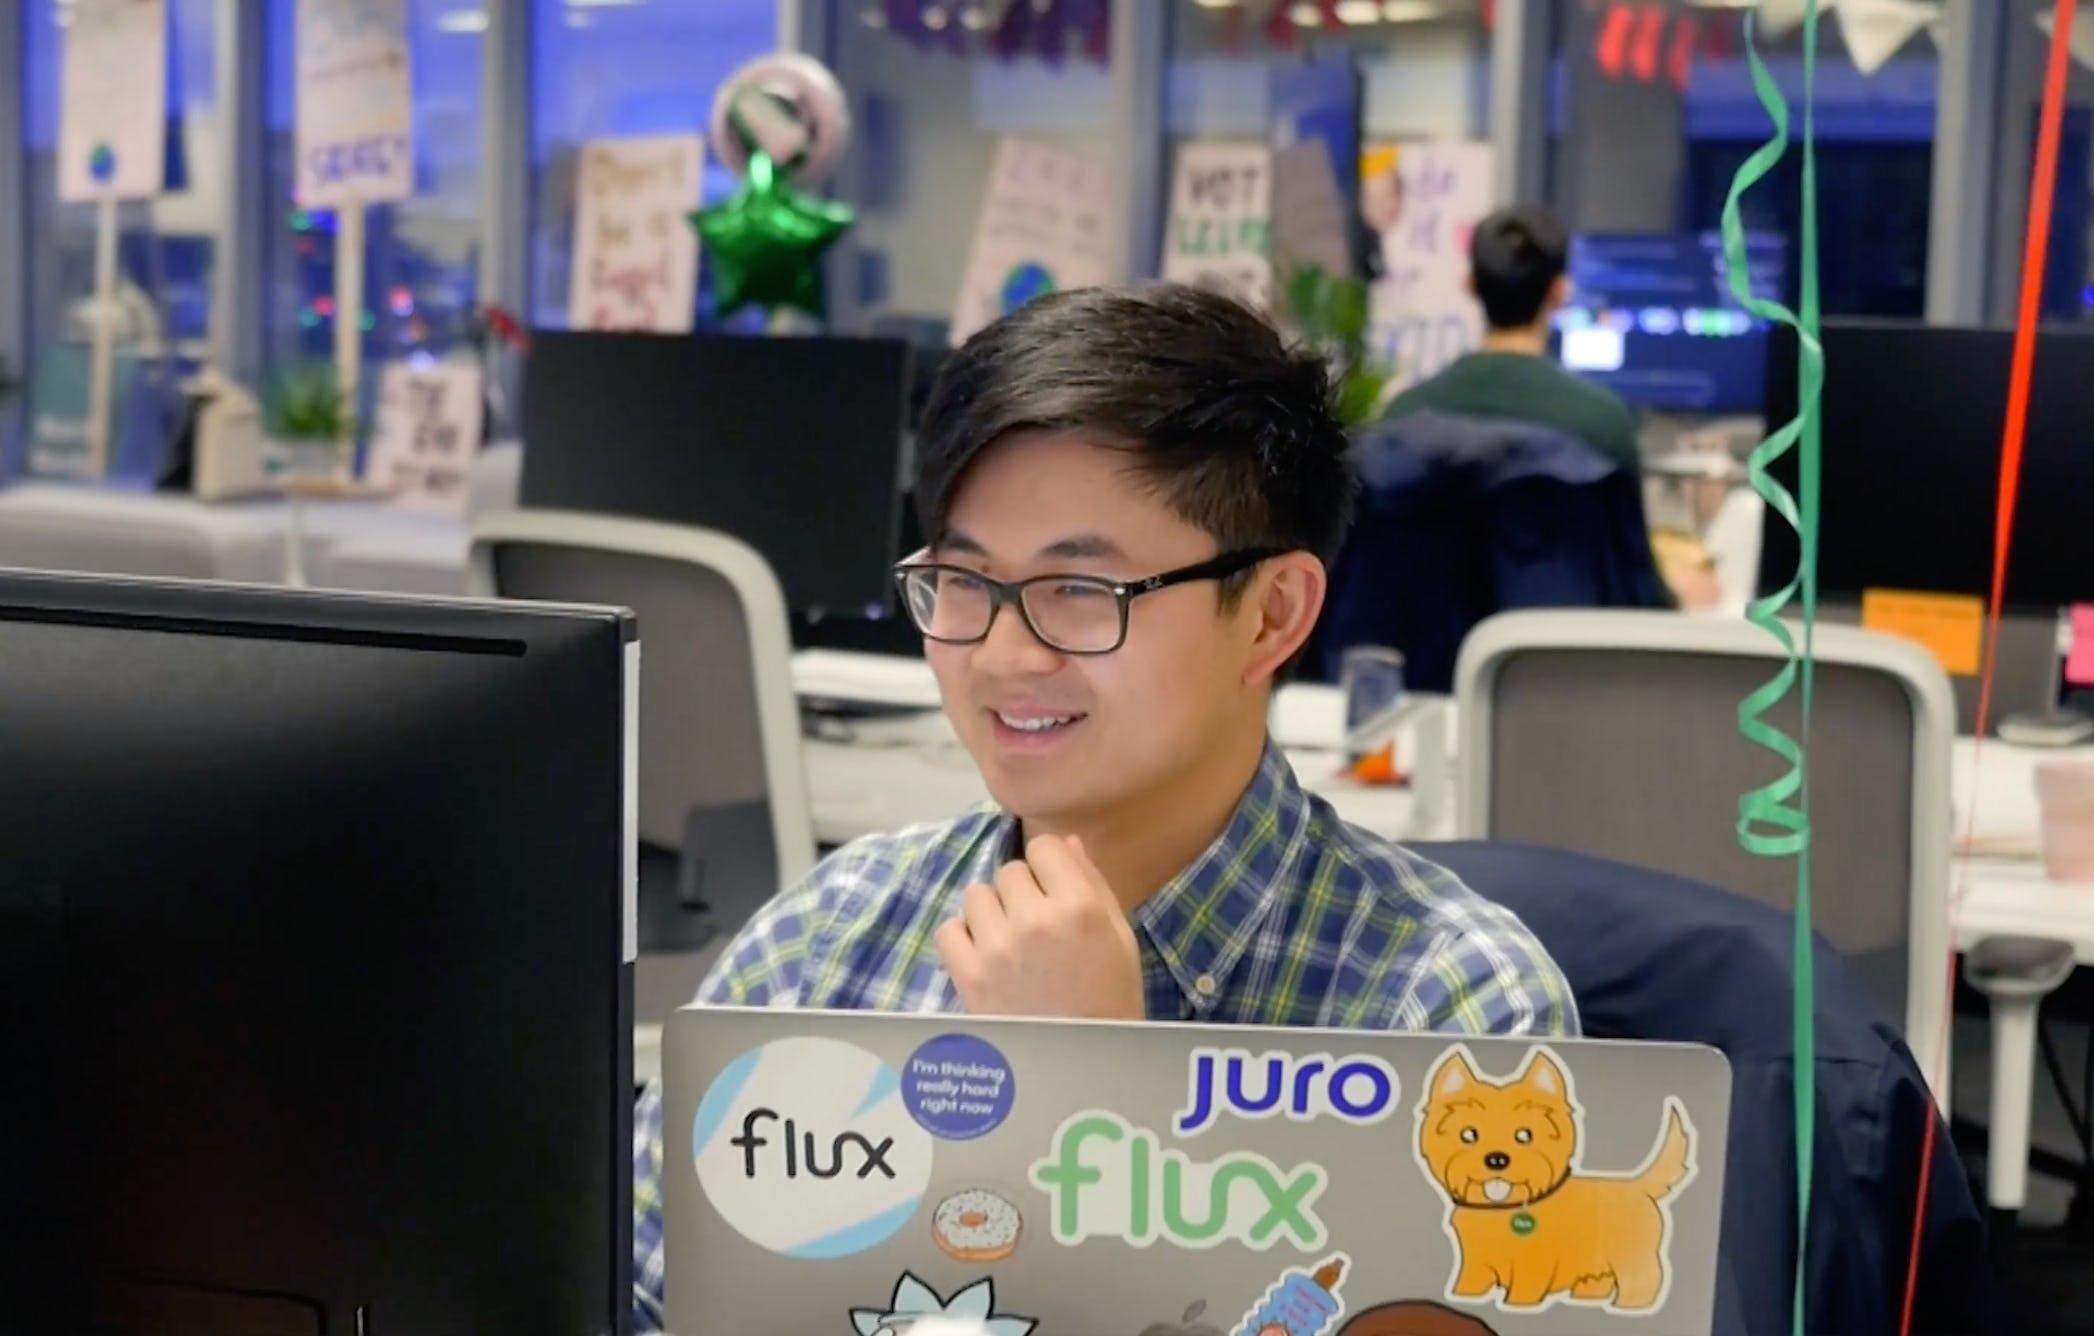 Flux client testimonial